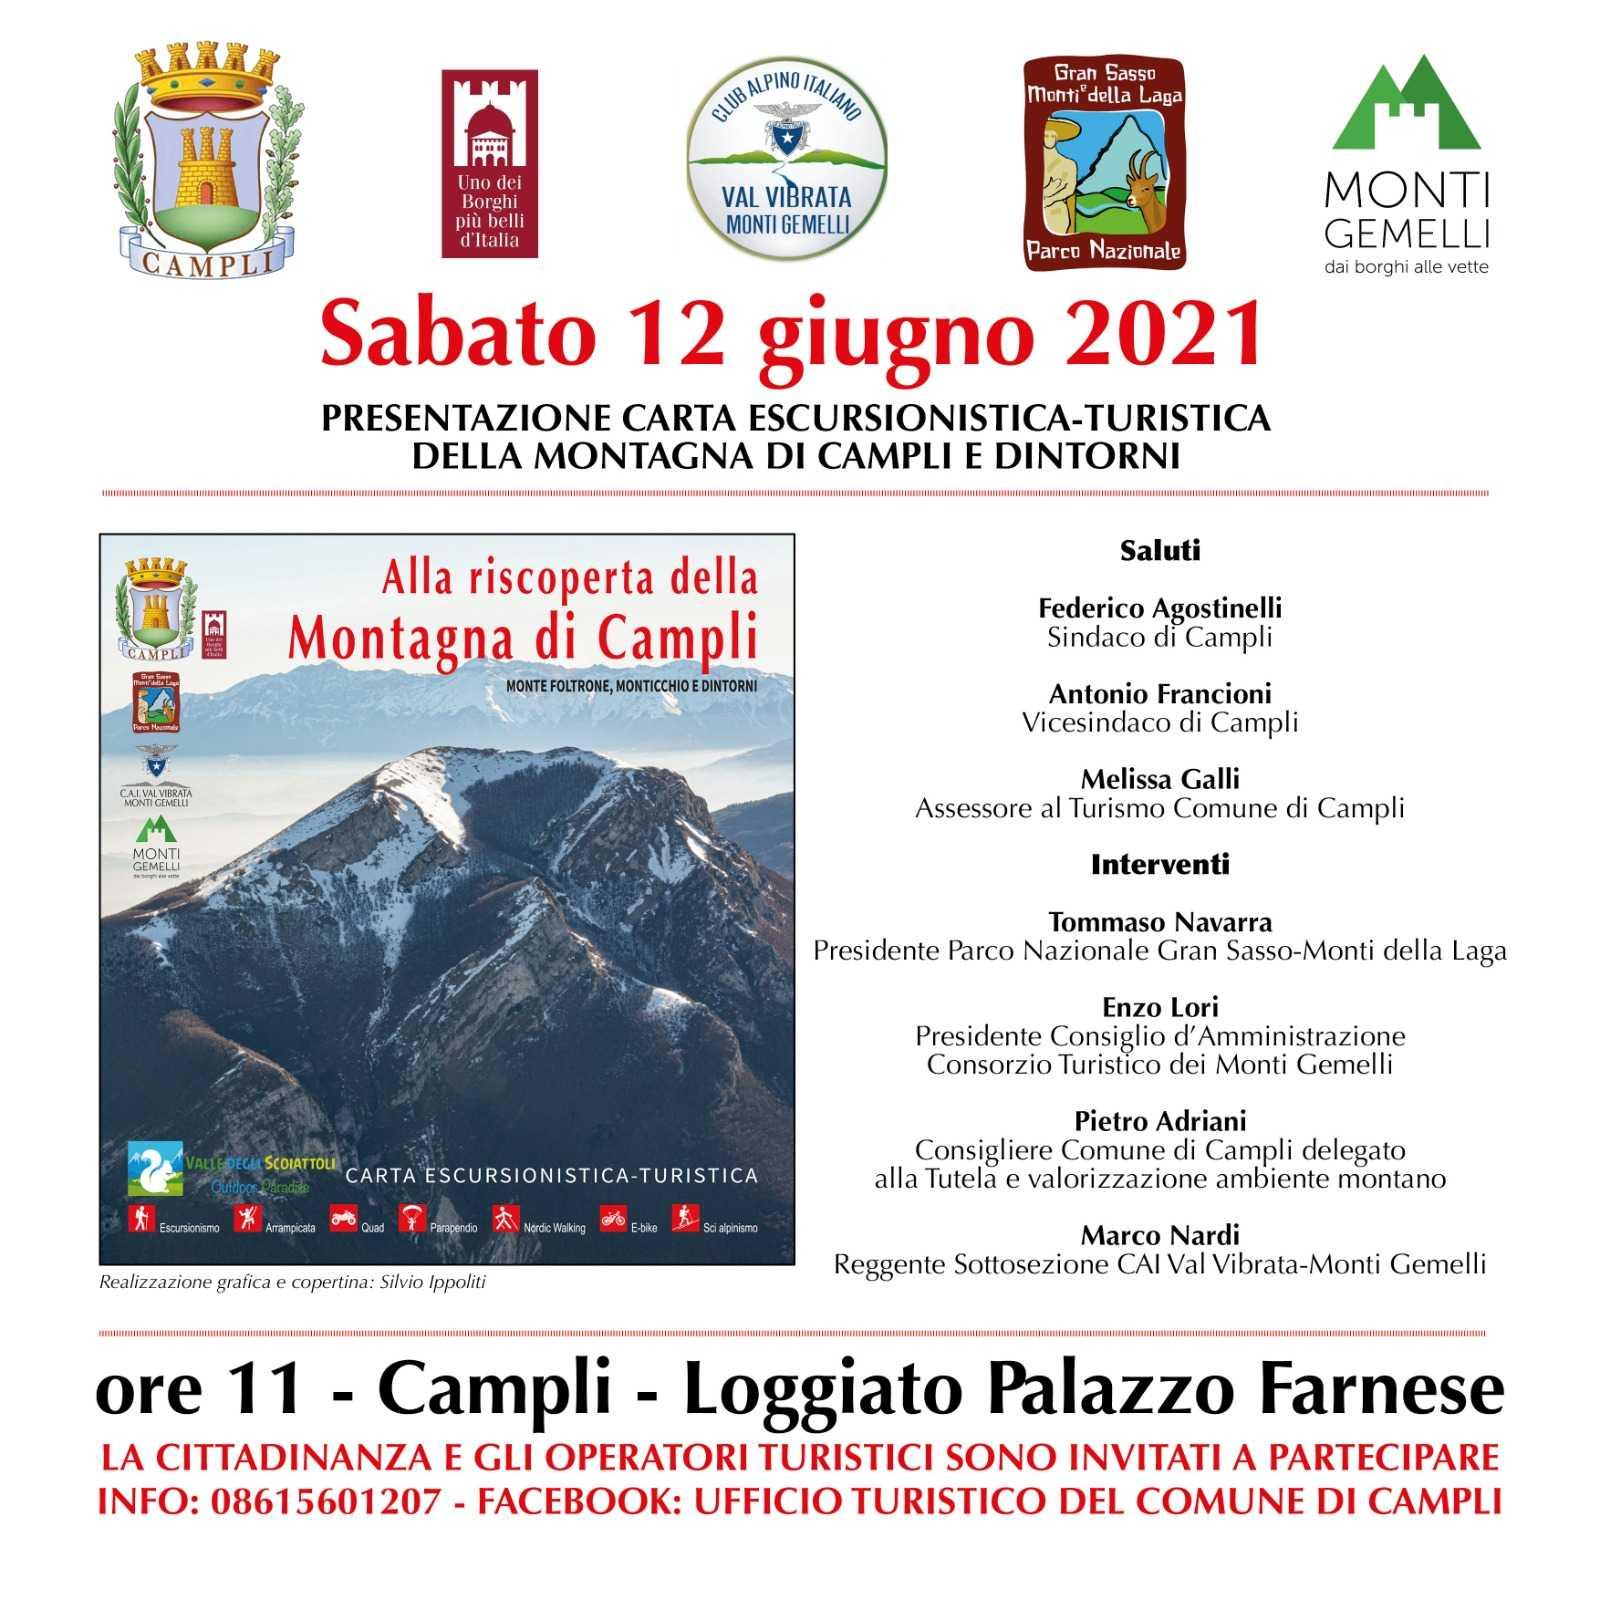 campli,-nuova-carta-escursionistica-turistica-del-monte-foltrone-e-dintorni